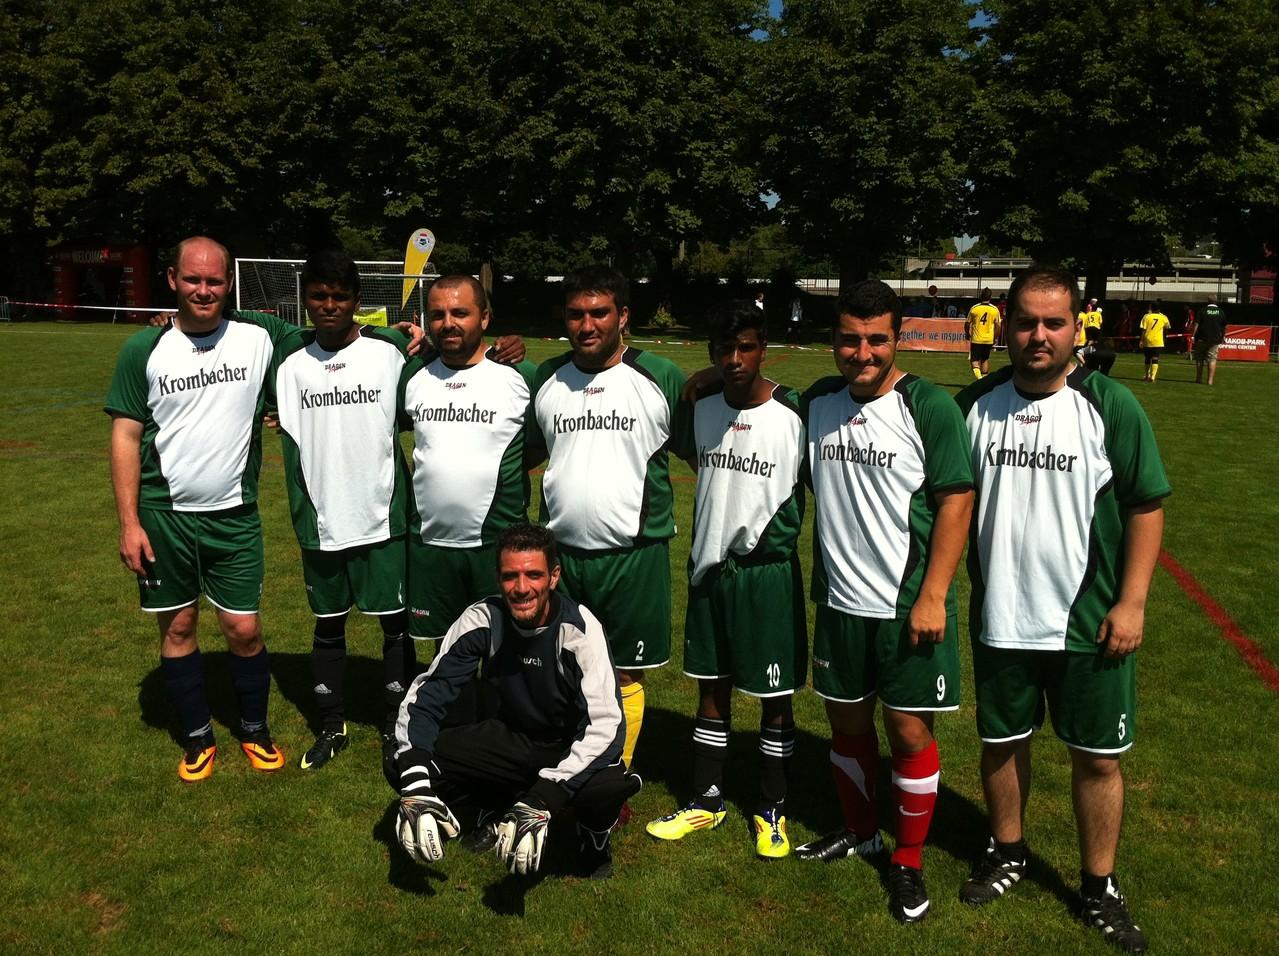 Team GSVbB